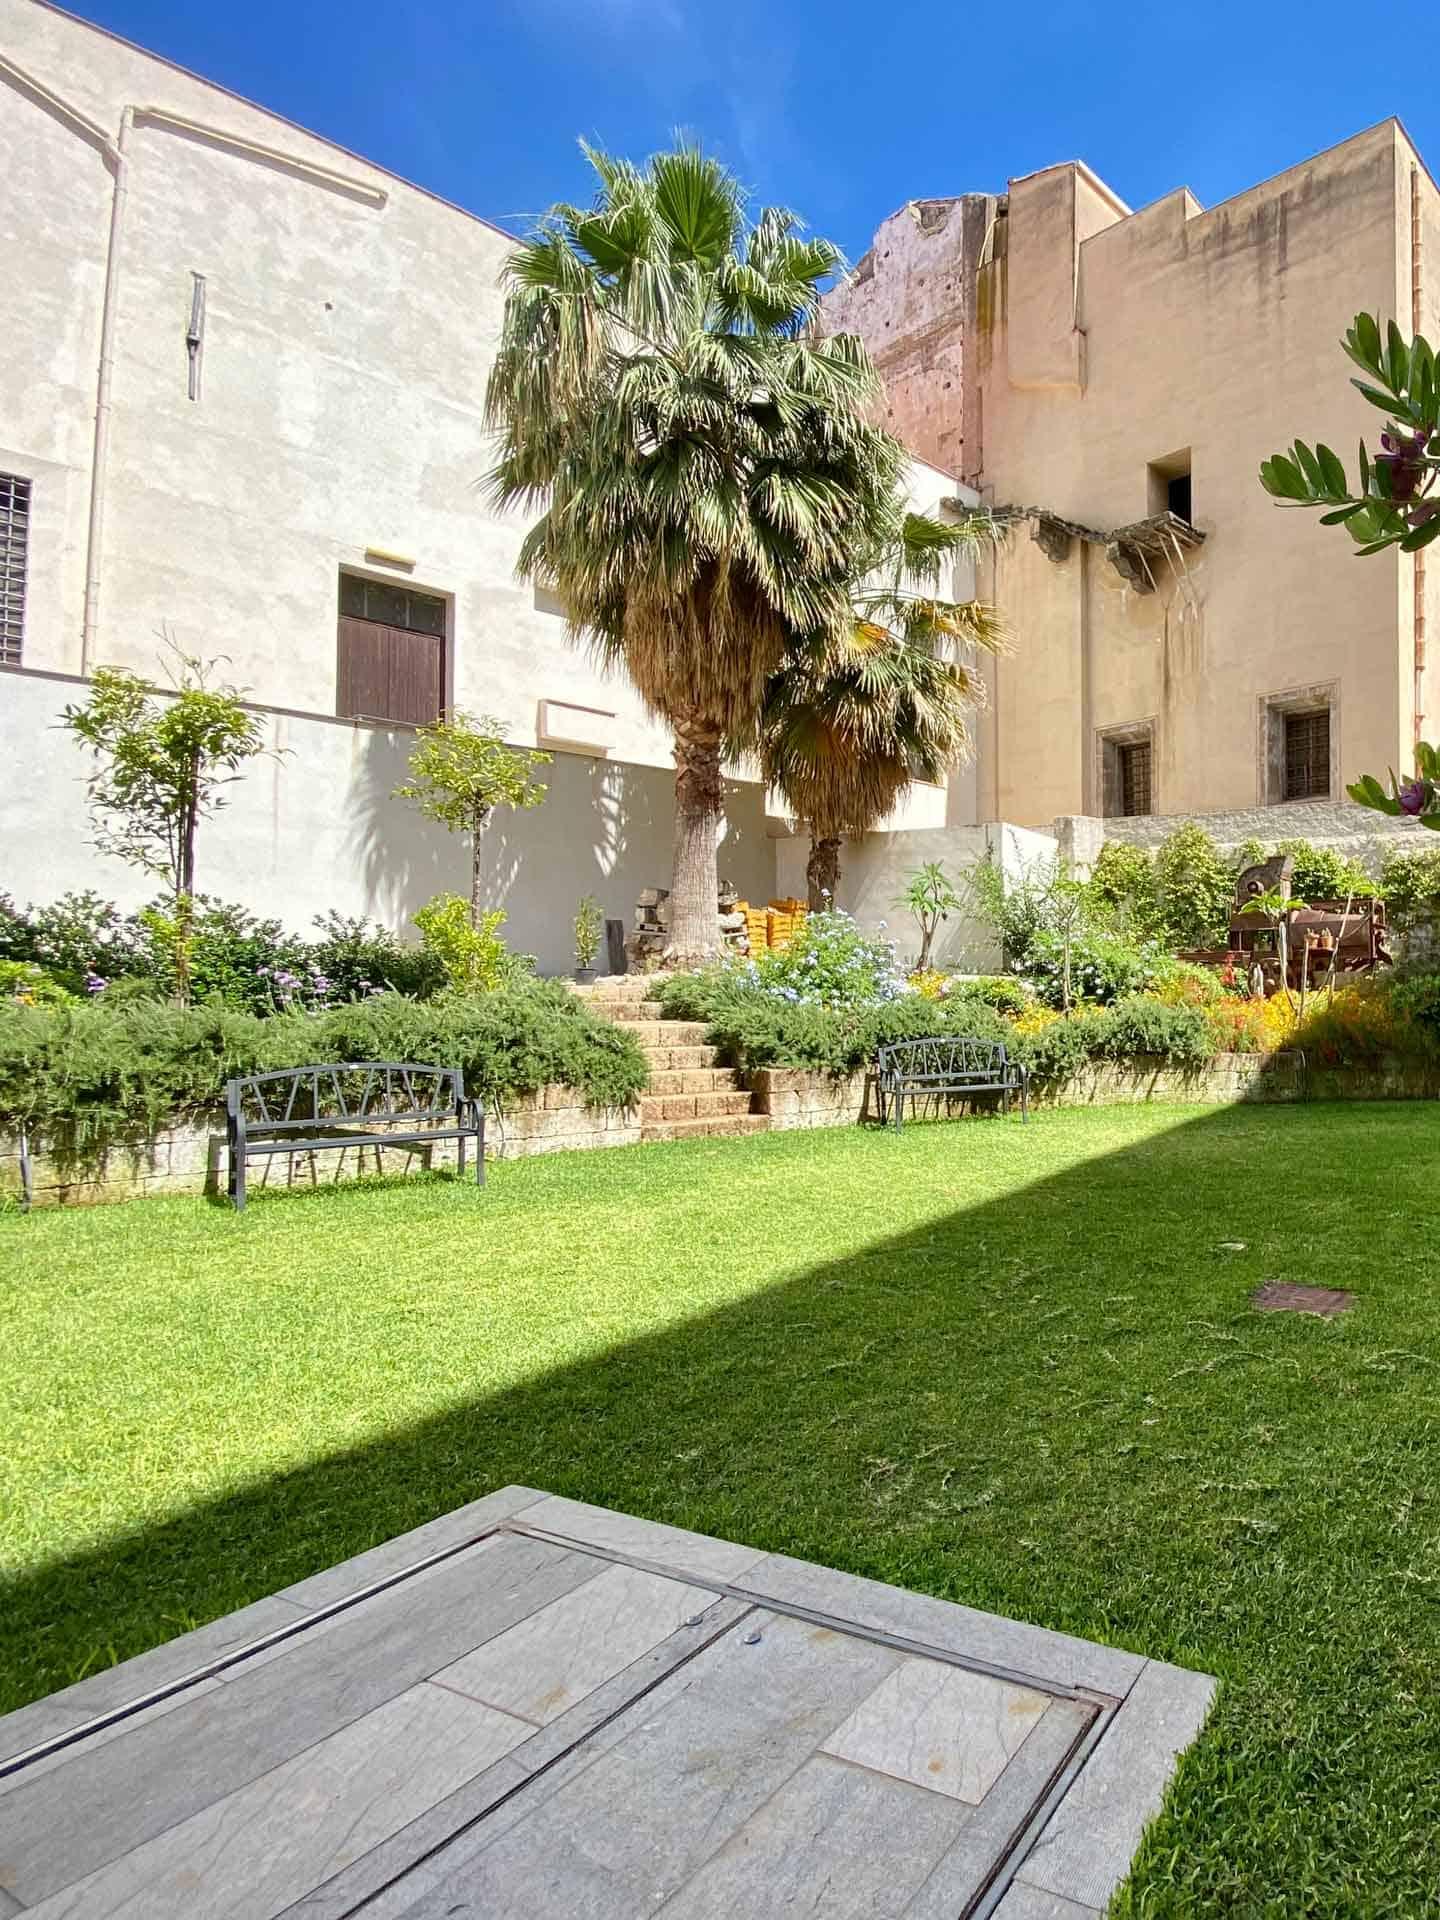 Palazzo-Lampedusa_giardino-2